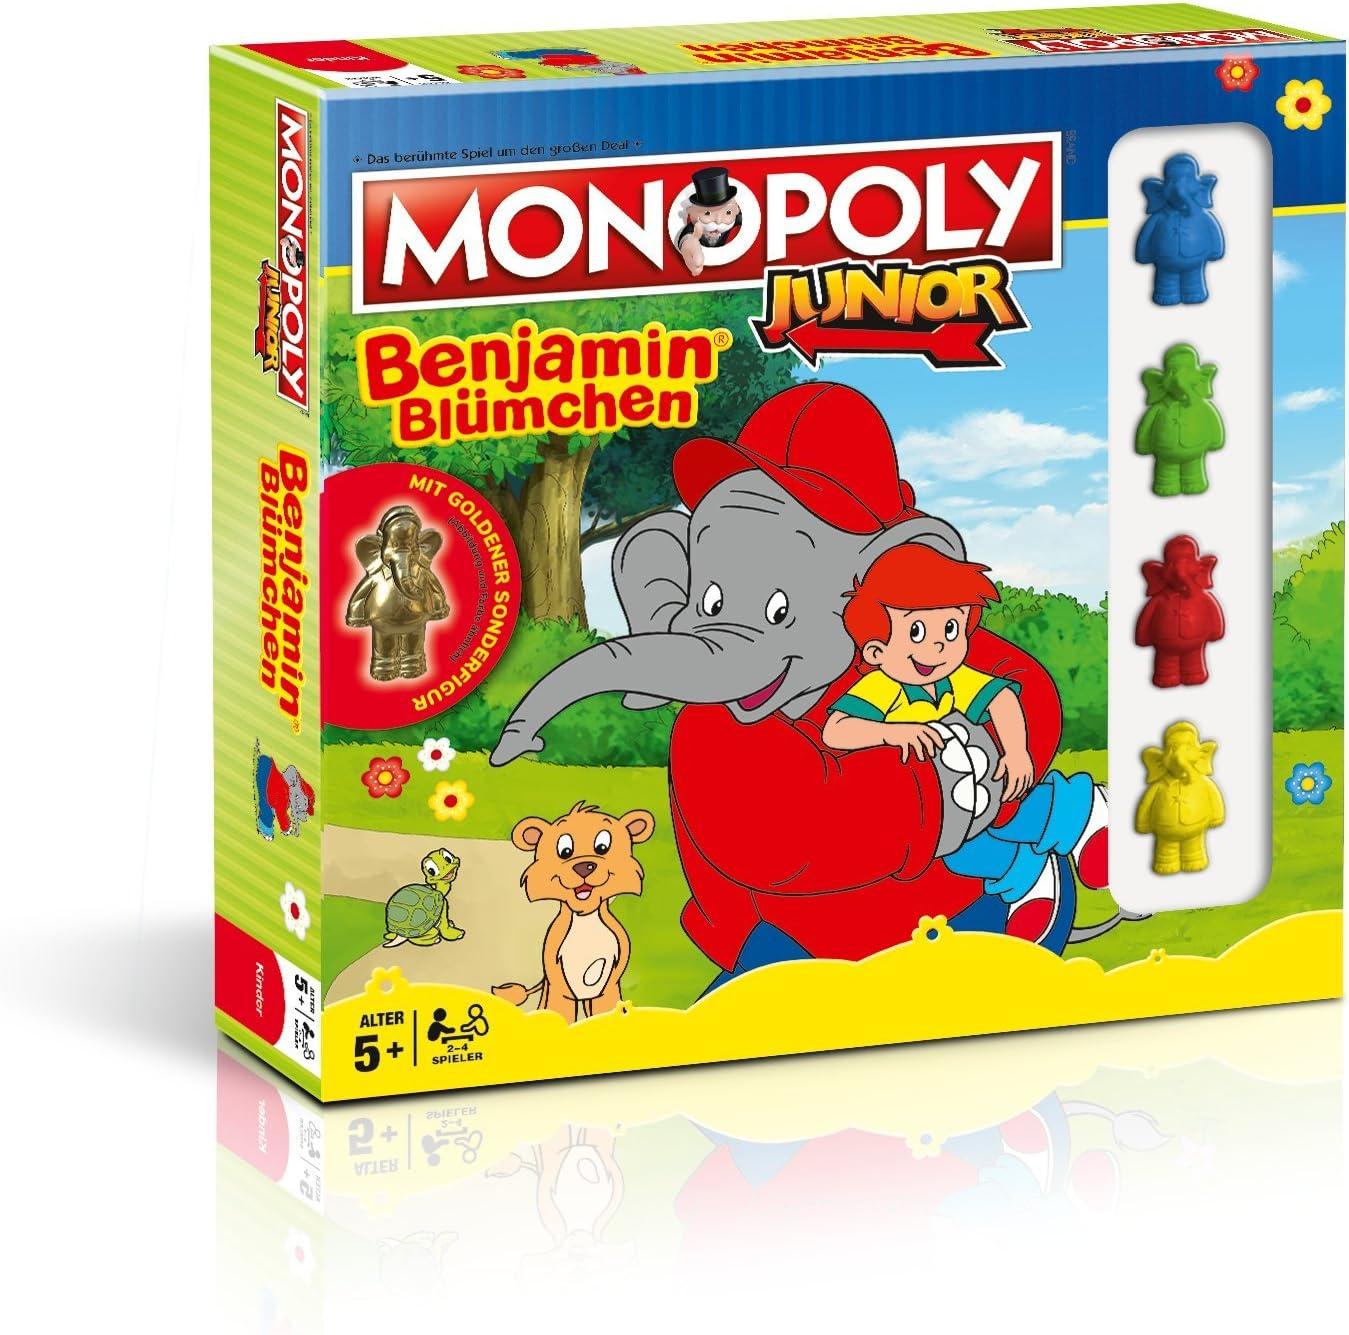 Monopoly Junior Benjamin Blümchen Collectors Edition: Amazon.es: Juguetes y juegos